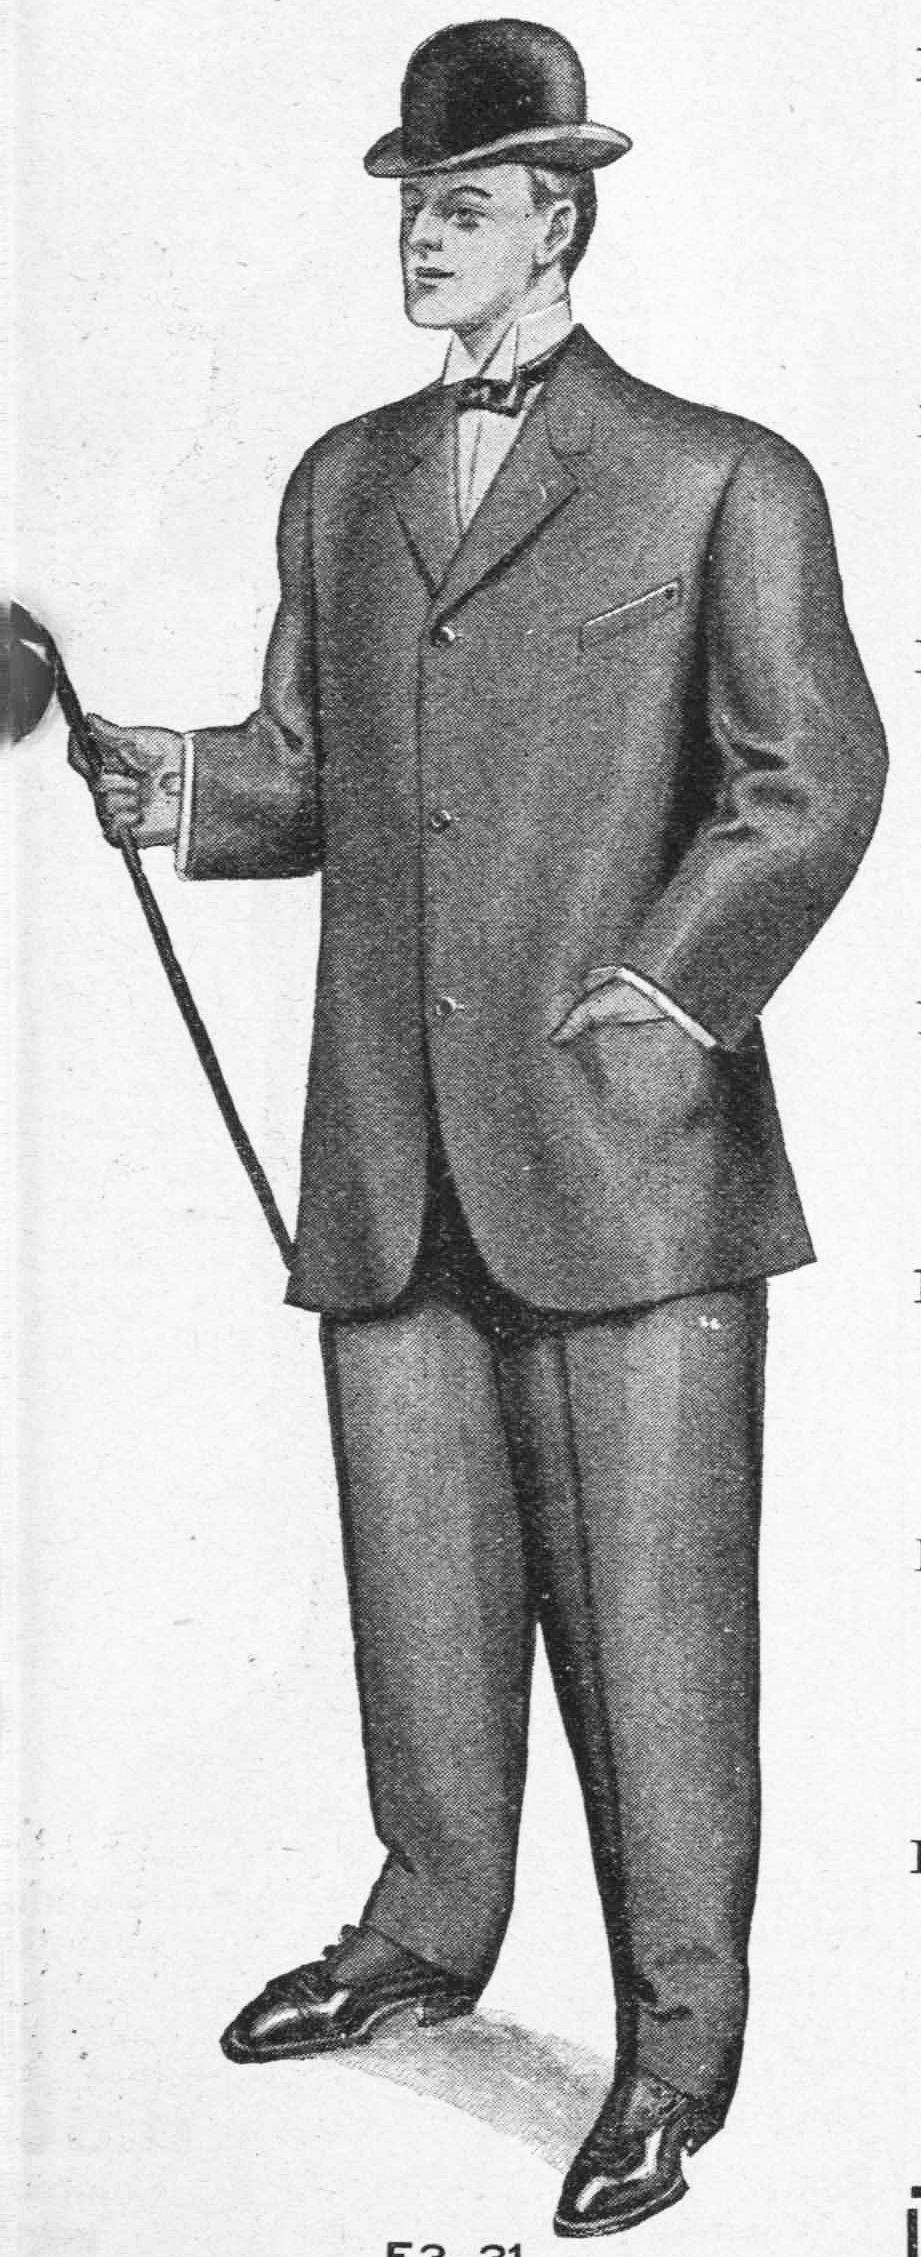 mens suit-eatons-eatons190700eatouoft_0069-crop1